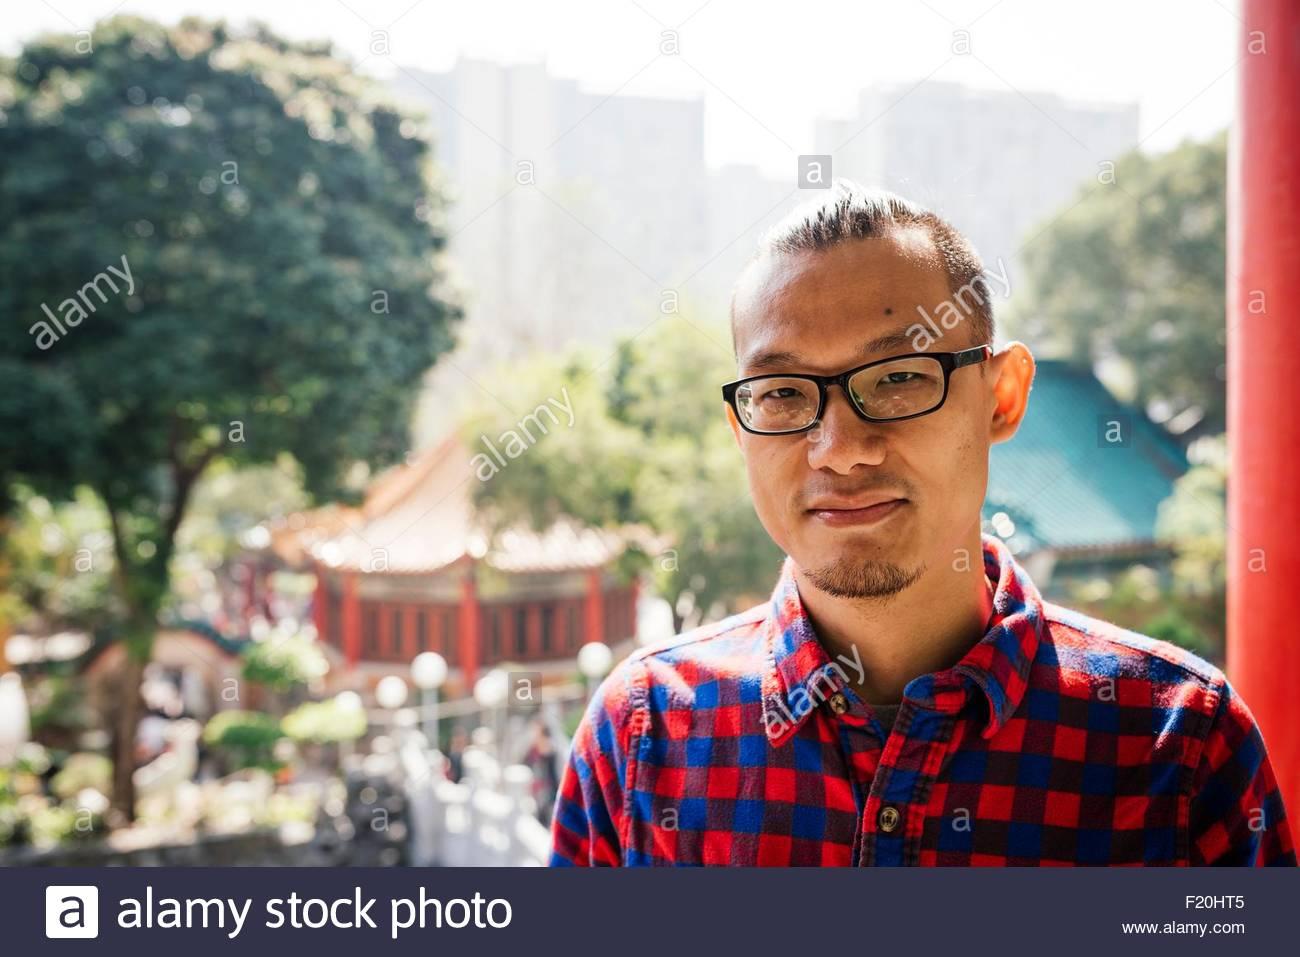 Retrato de joven con gafas y camisa de cuadros para delante de la pagoda tradicional, mirando a la cámara Imagen De Stock